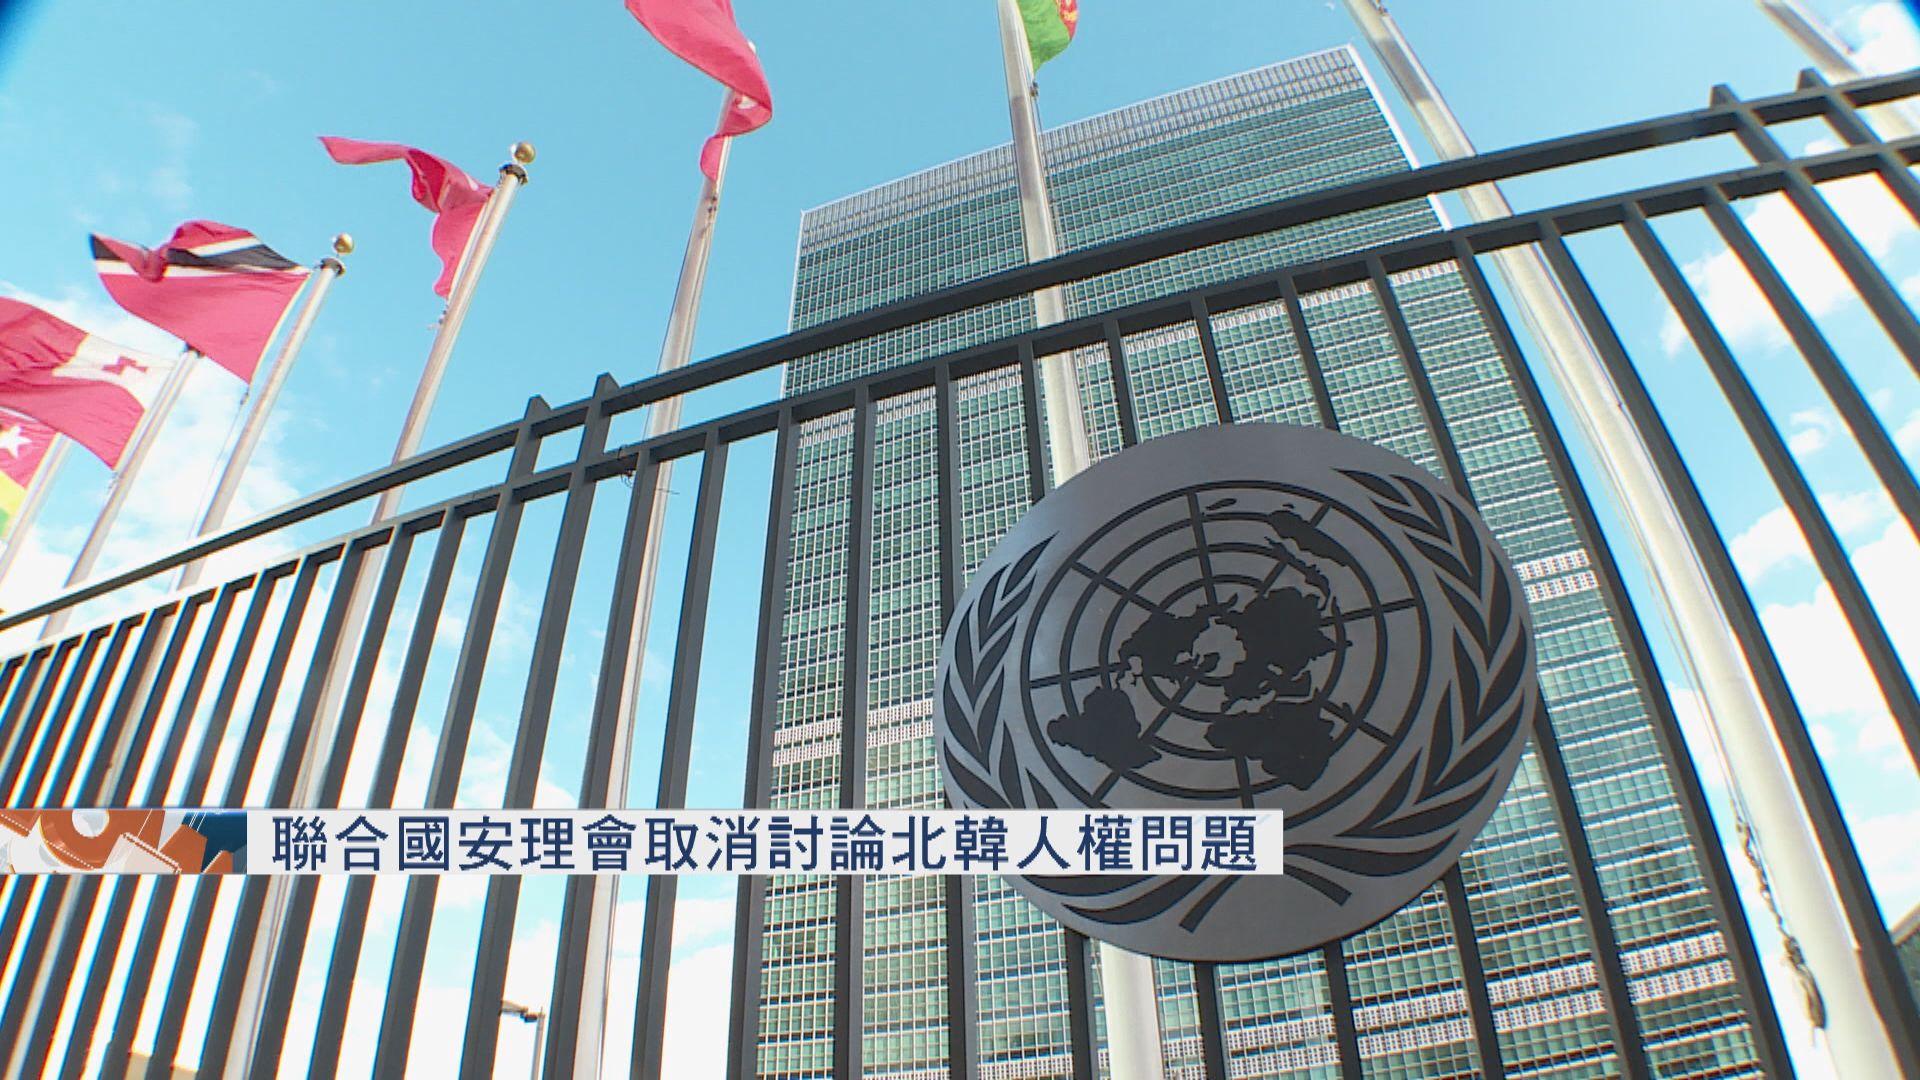 聯合國安理會取消討論北韓人權問題